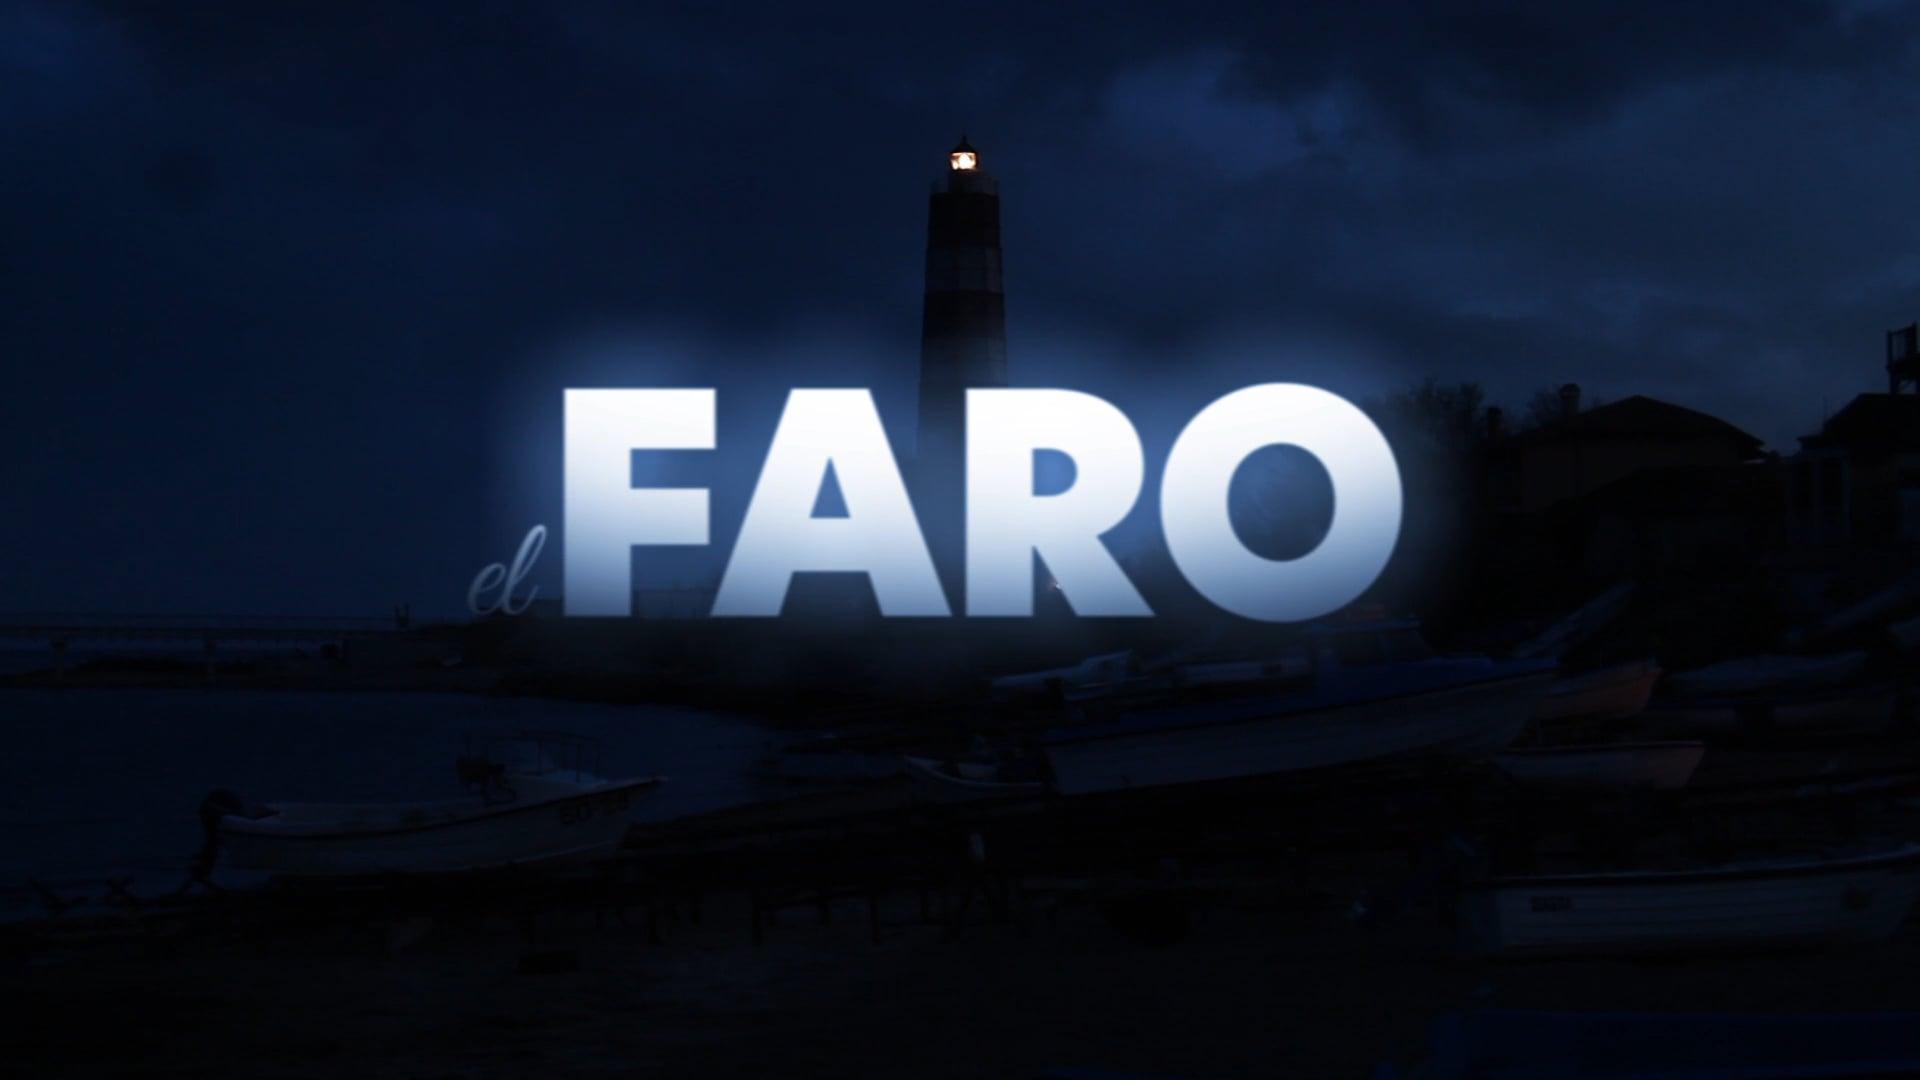 FARO_title